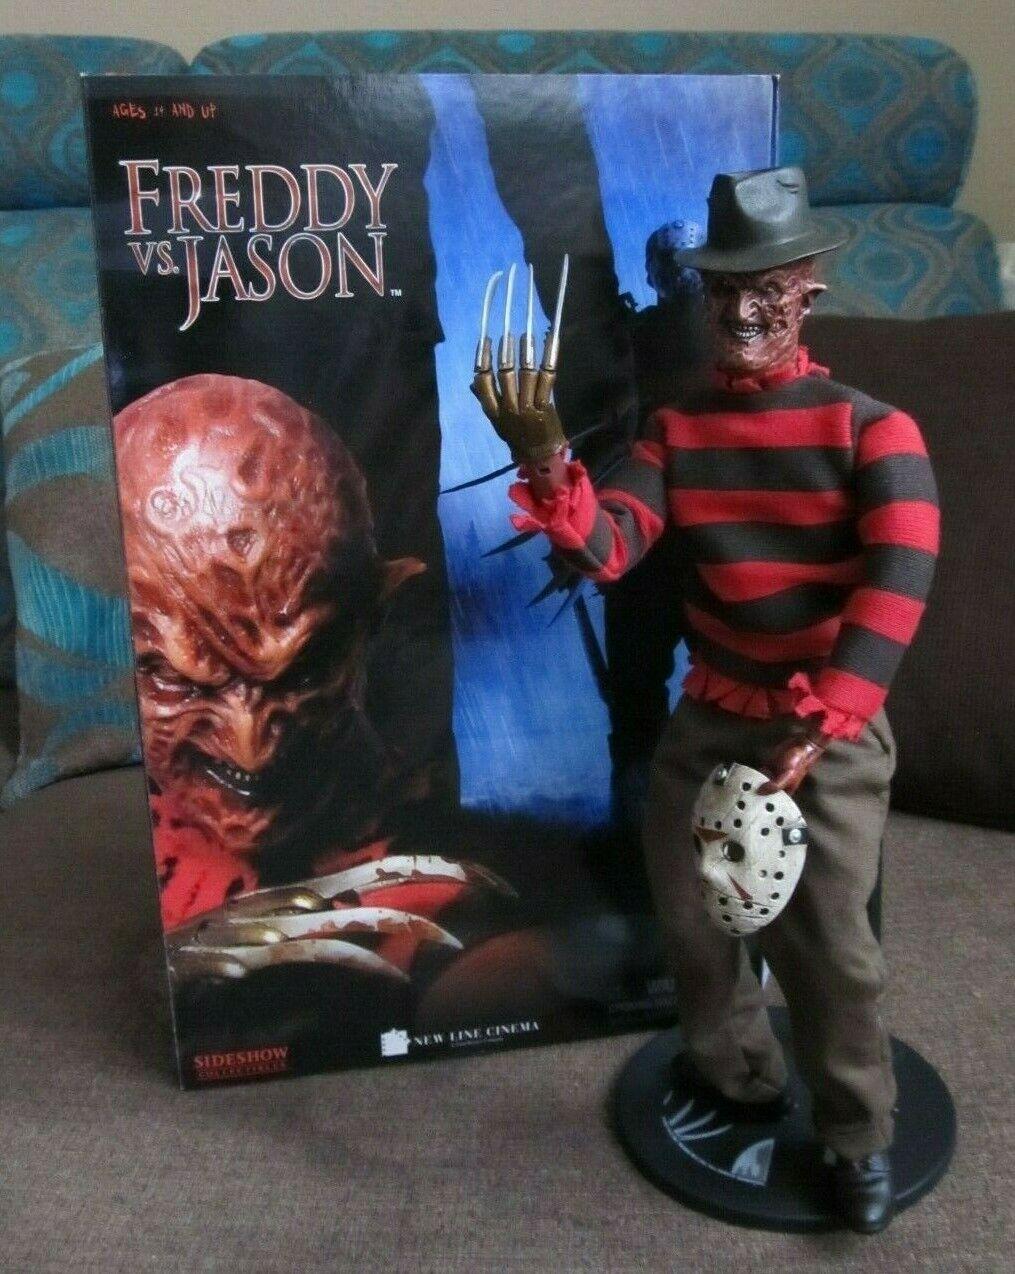 alta calidad SIDESHOW collectibles Nightmare Nightmare Nightmare Krueger FrojoDY VS JASON movie  Scale 1 6 RR    envío gratis